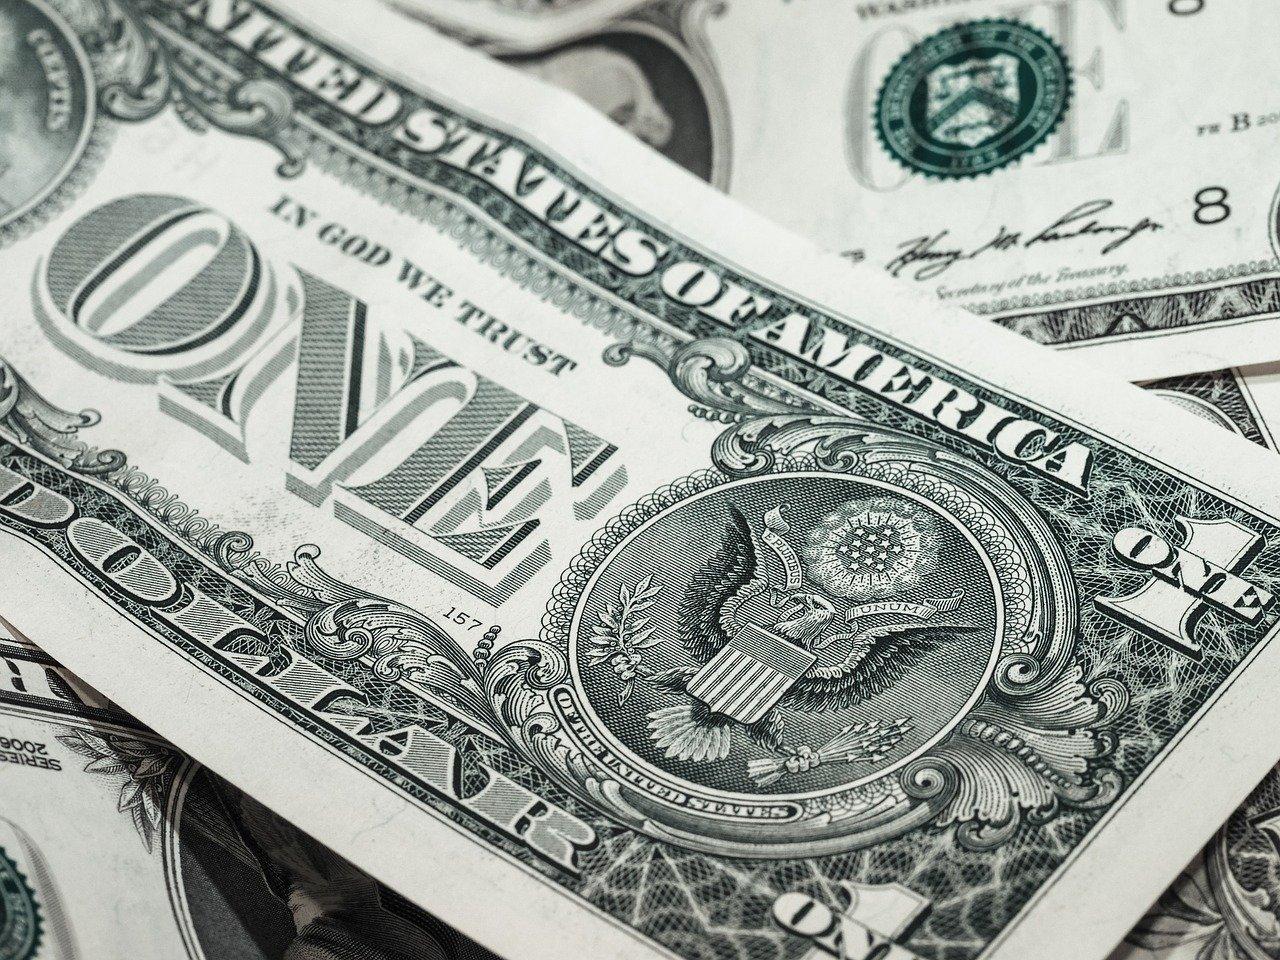 お金とは何か?お金を支配するものが世界を支配する